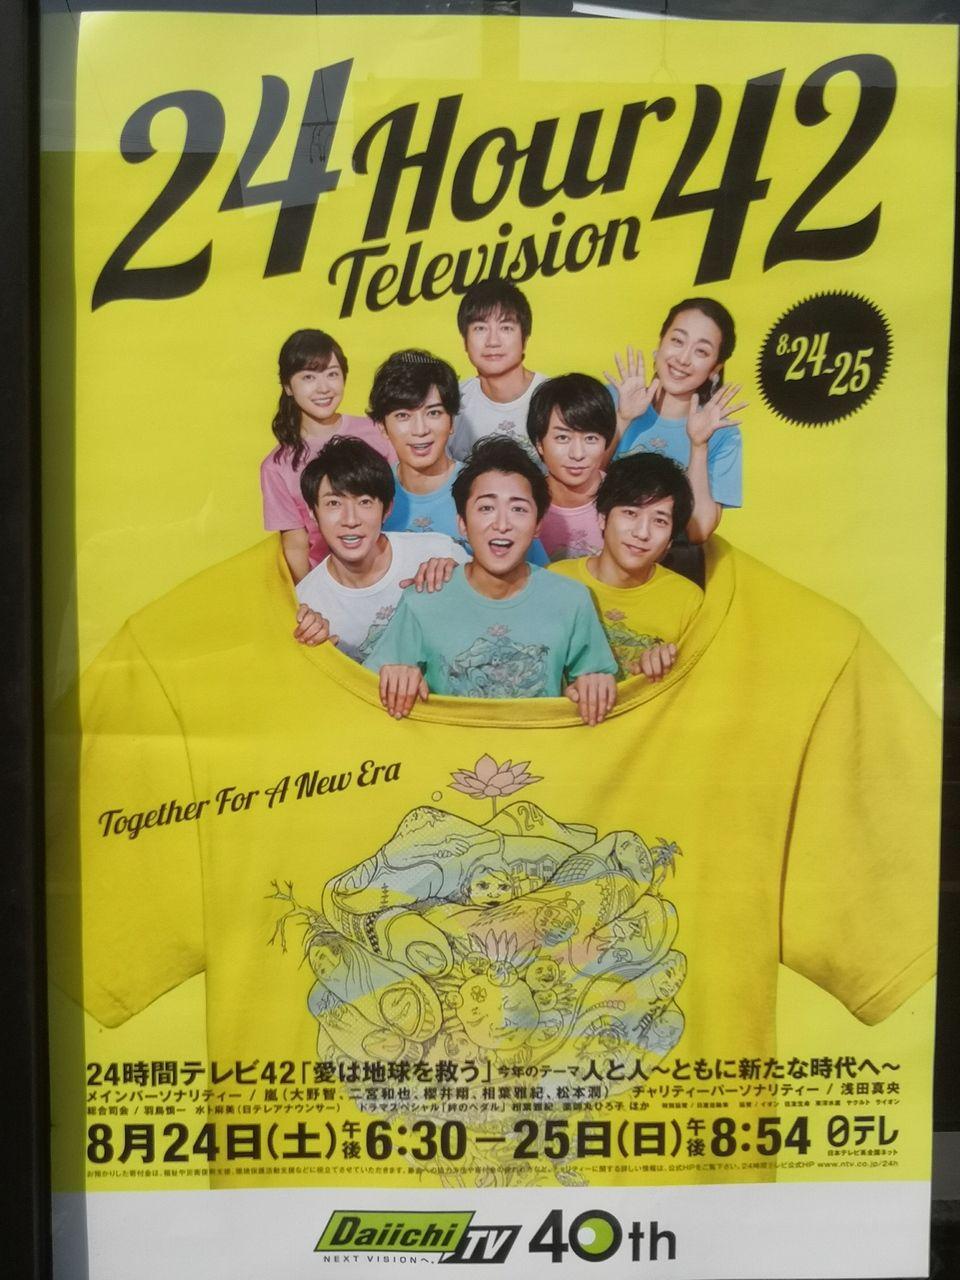 24時間テレビ 嵐 メンバー 嵐 Arashi 嵐